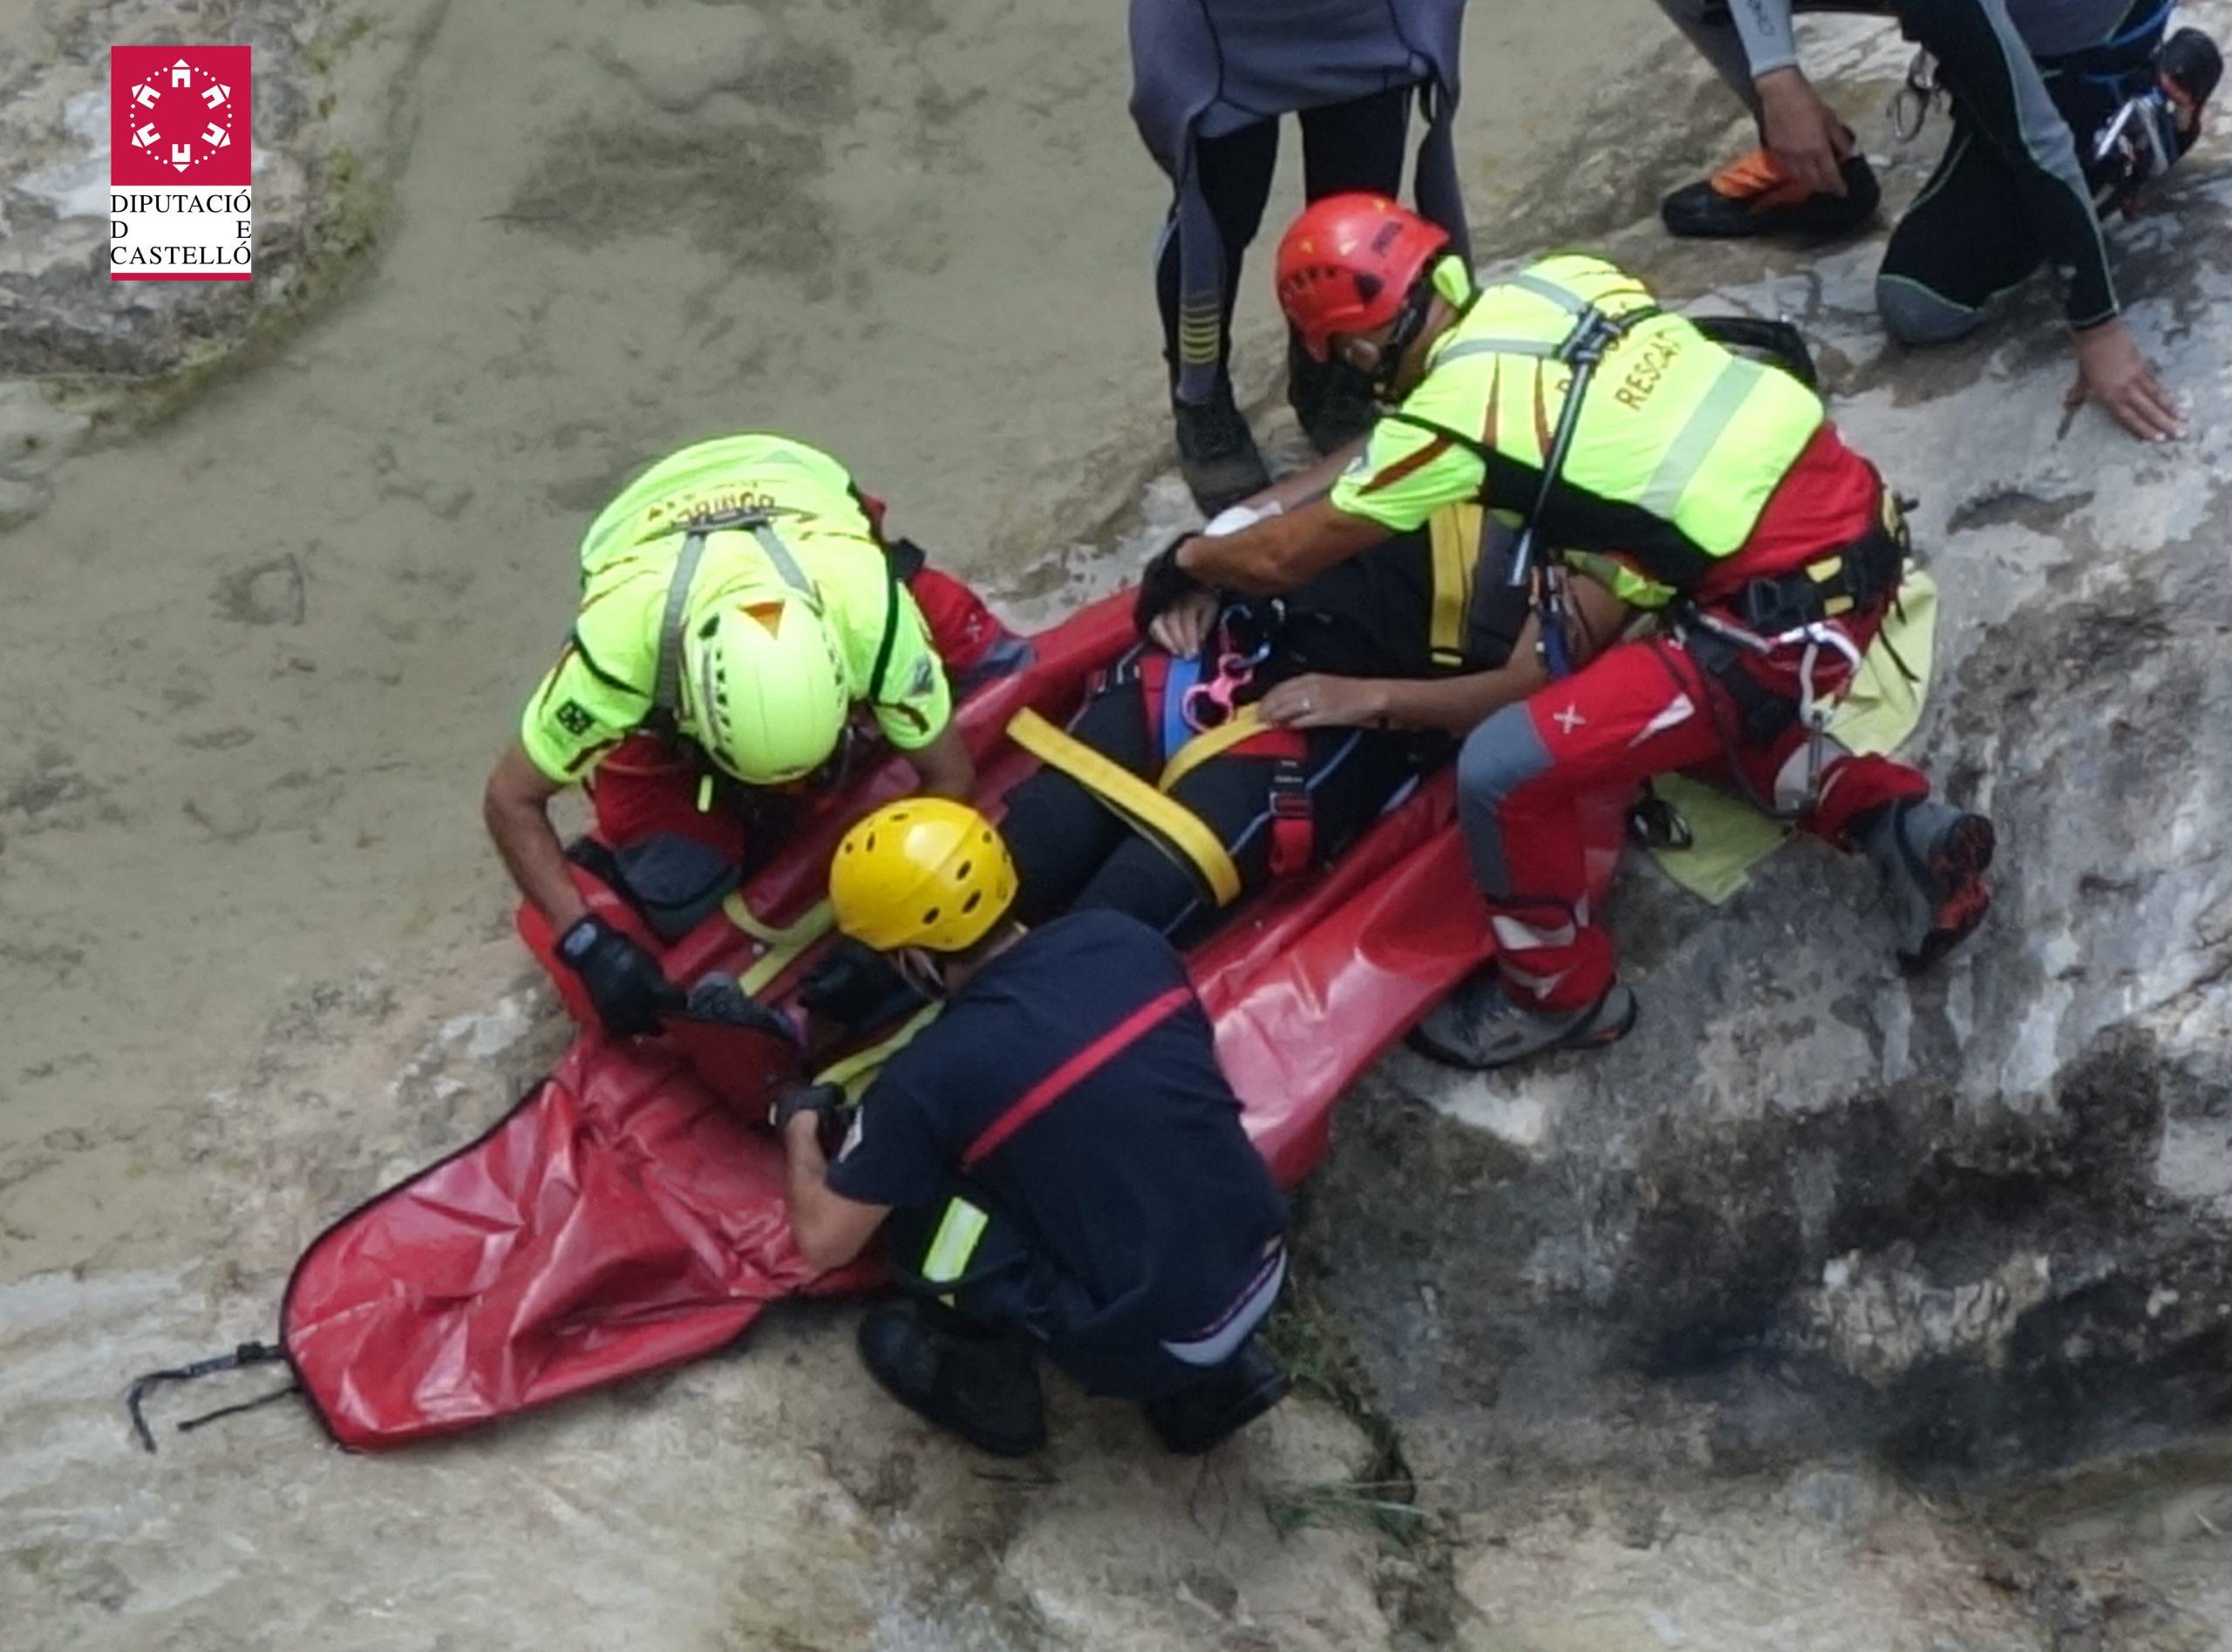 Los bomberos de la Diputación efectúan 42 actuaciones de rescate en la montaña durante el verano, un 180% más que en 2019